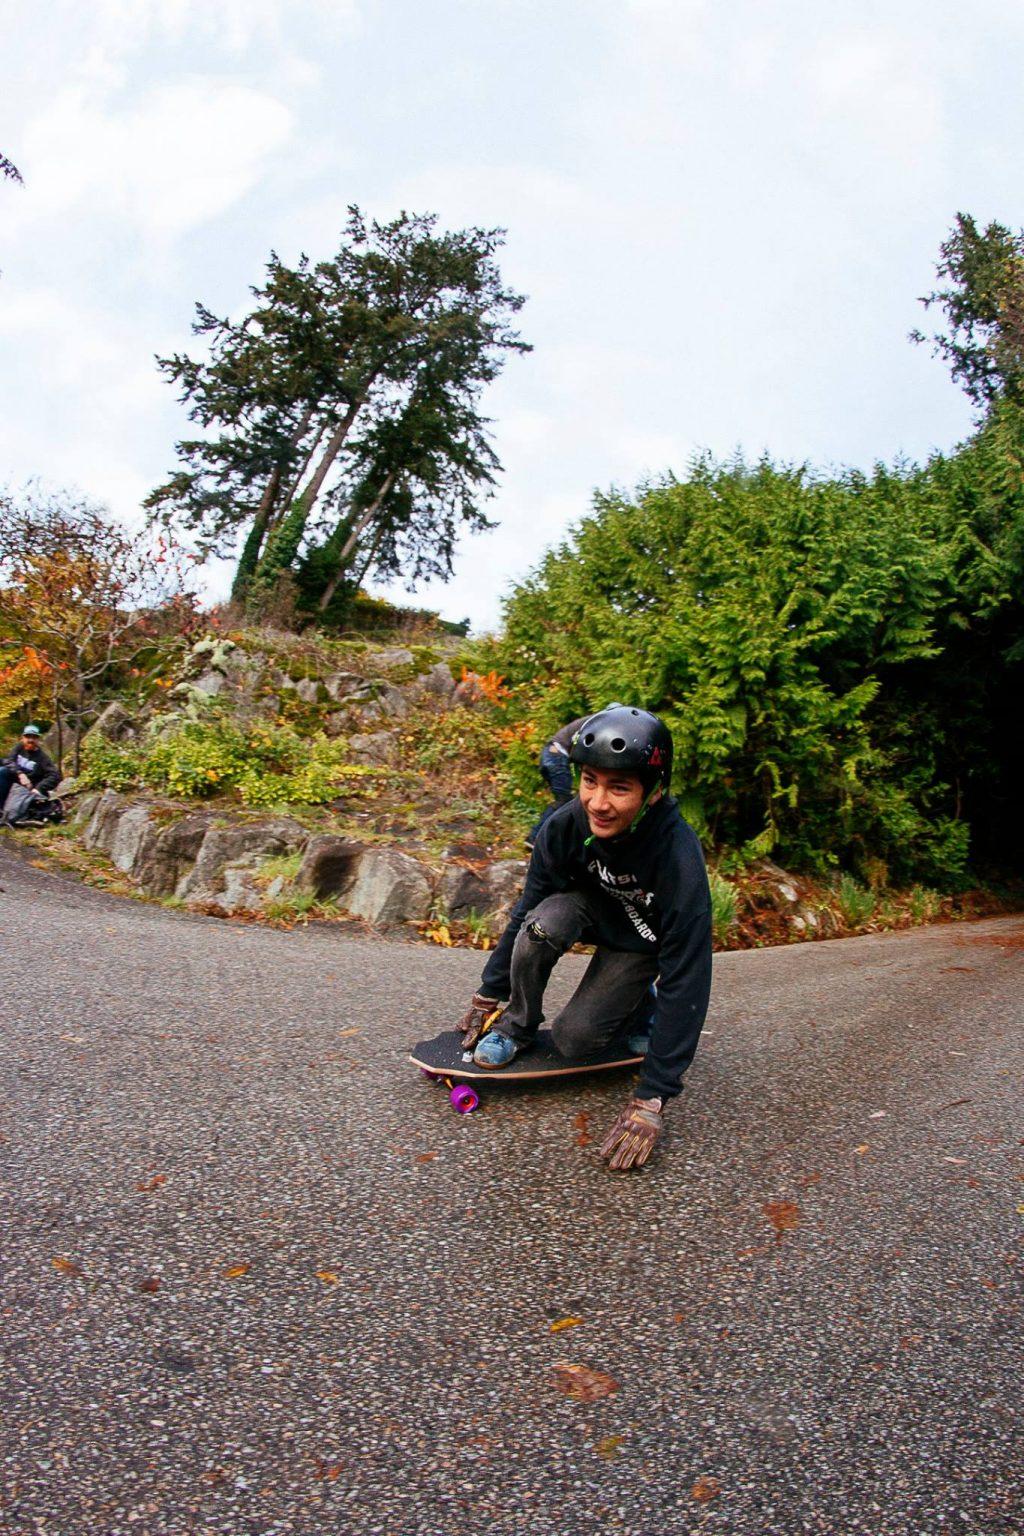 12-sam-galus-flatspot-longboards-valhalla-skateboards-higway-jam-highwayjamx-sho-ouellette-sho-stopper-longboarding